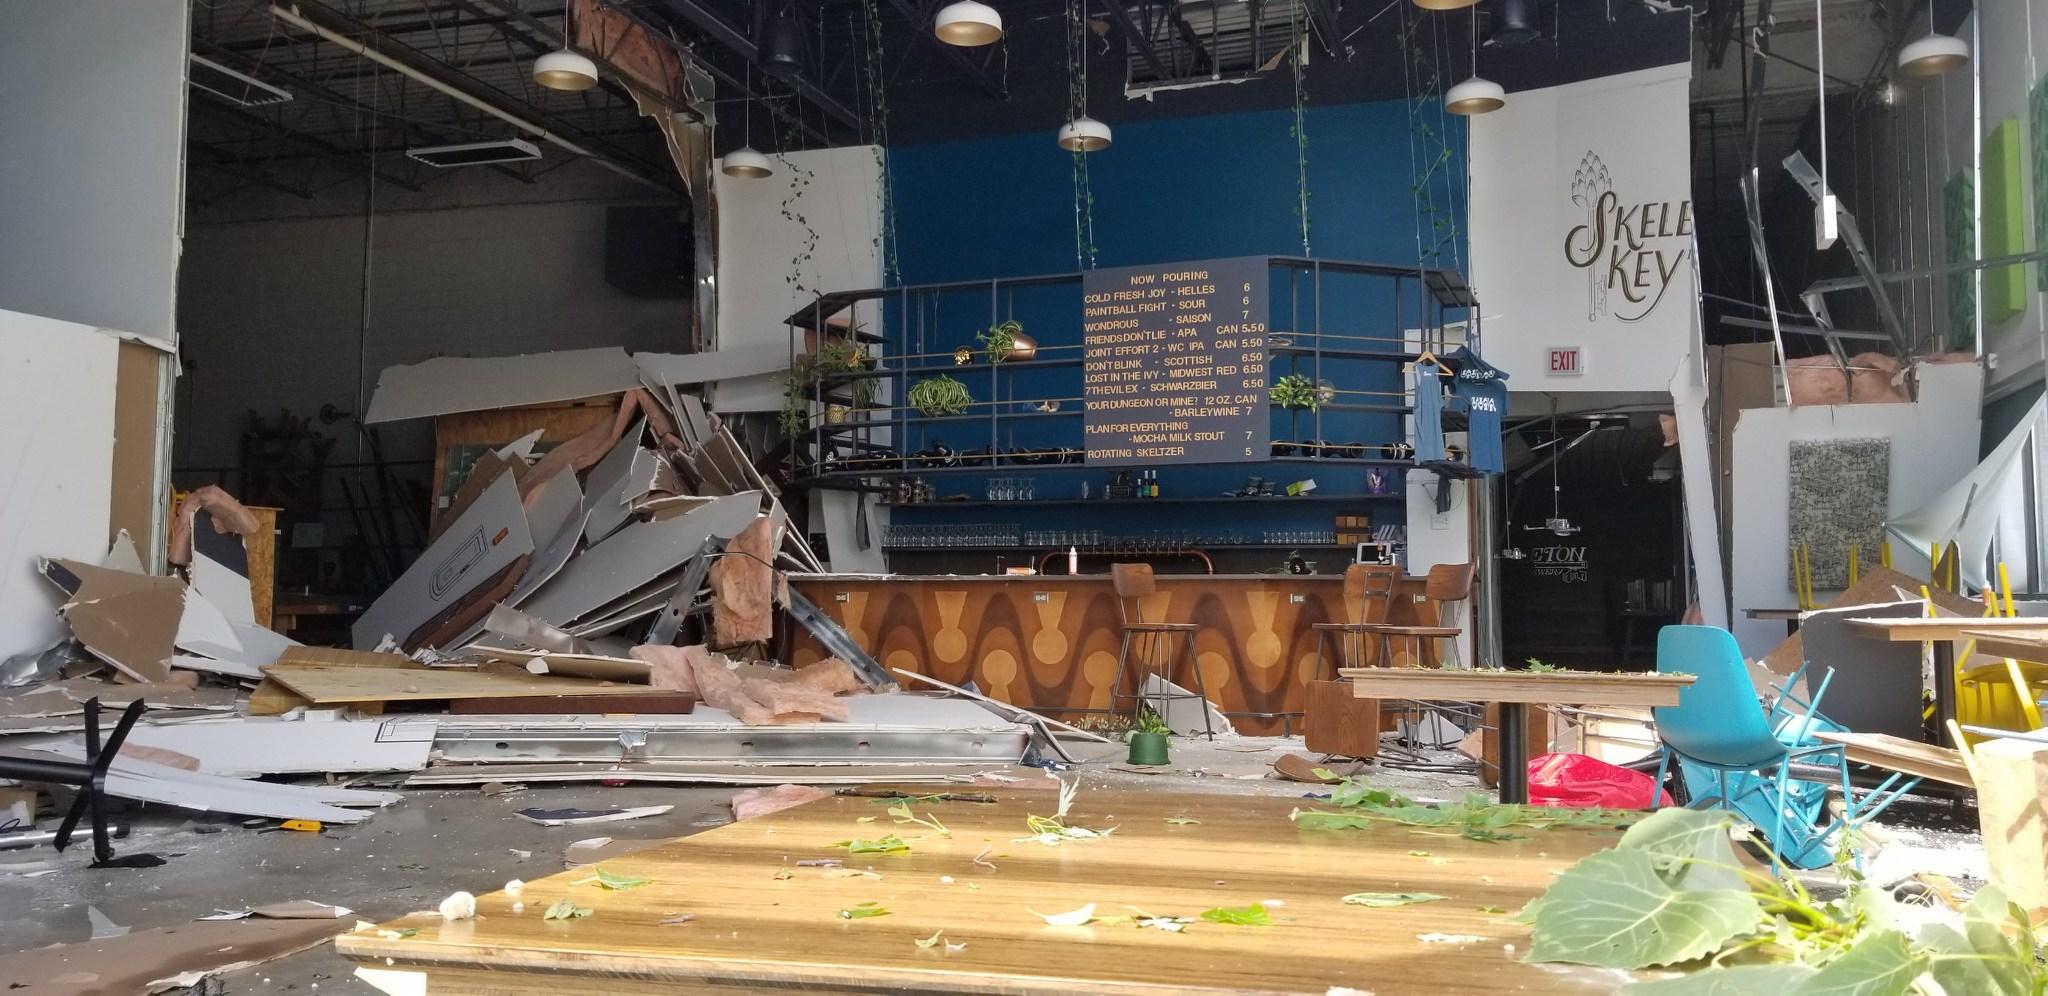 A damaged bar